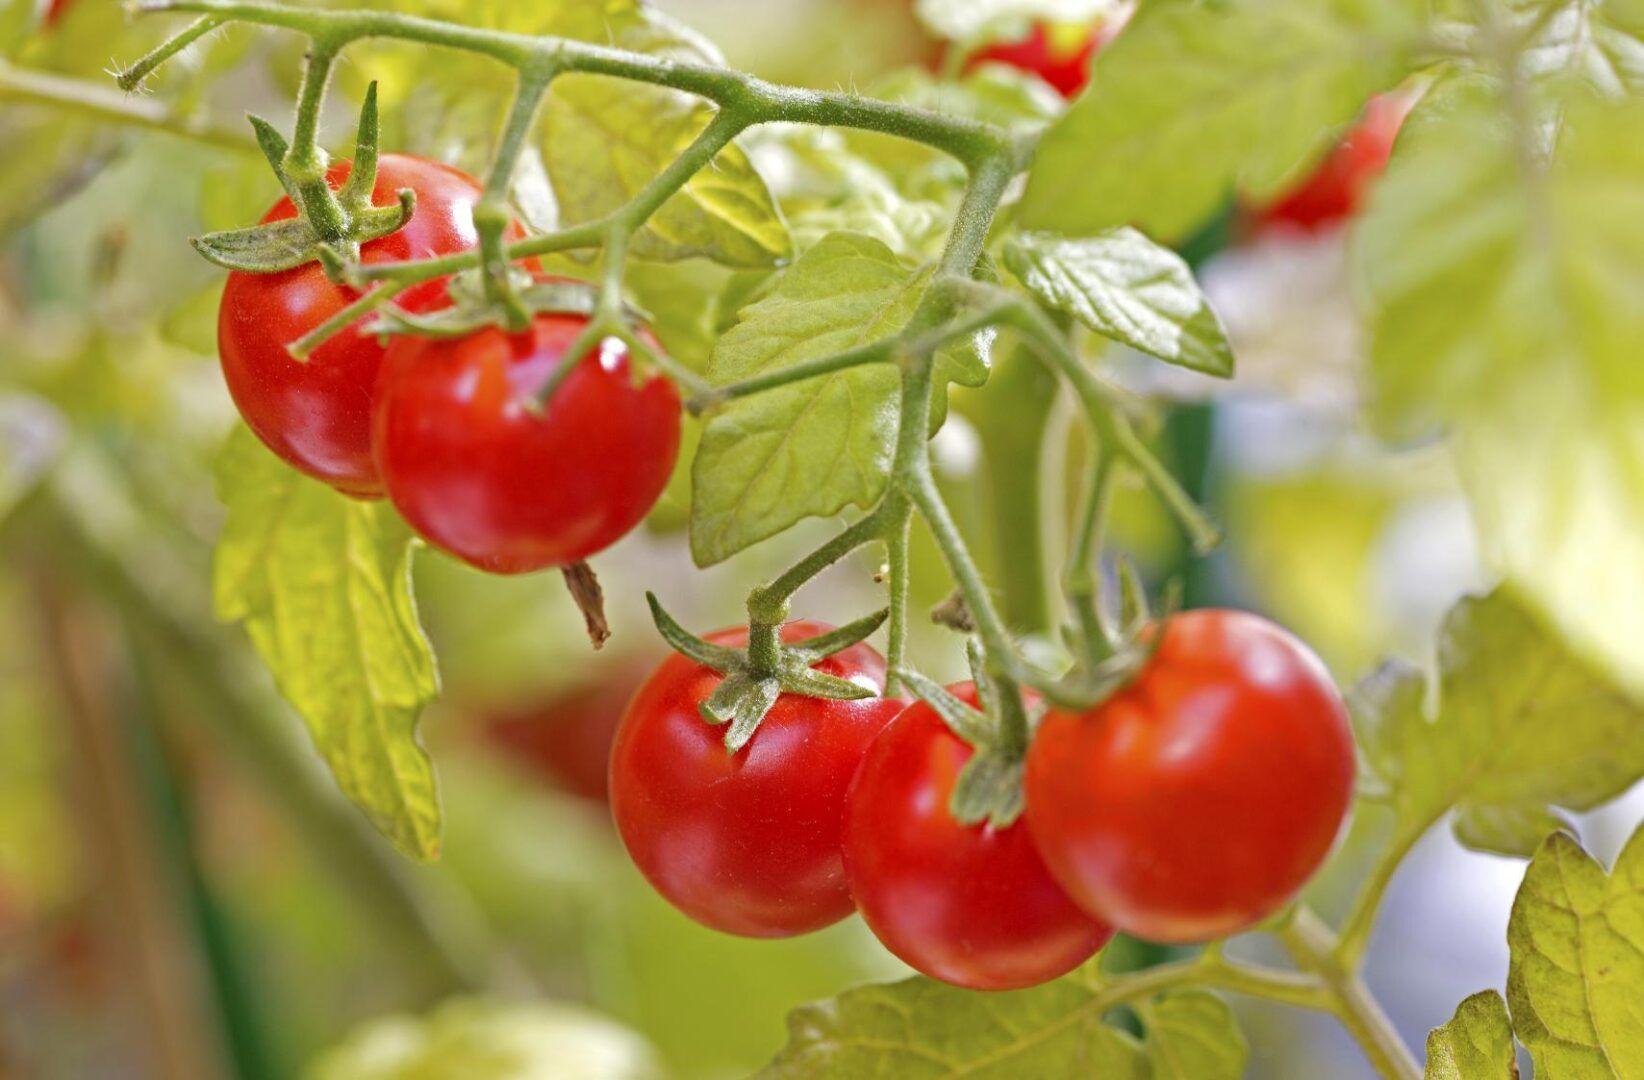 Horta em apartamento: como montar a própria horta e dicas de plantas para cultivar